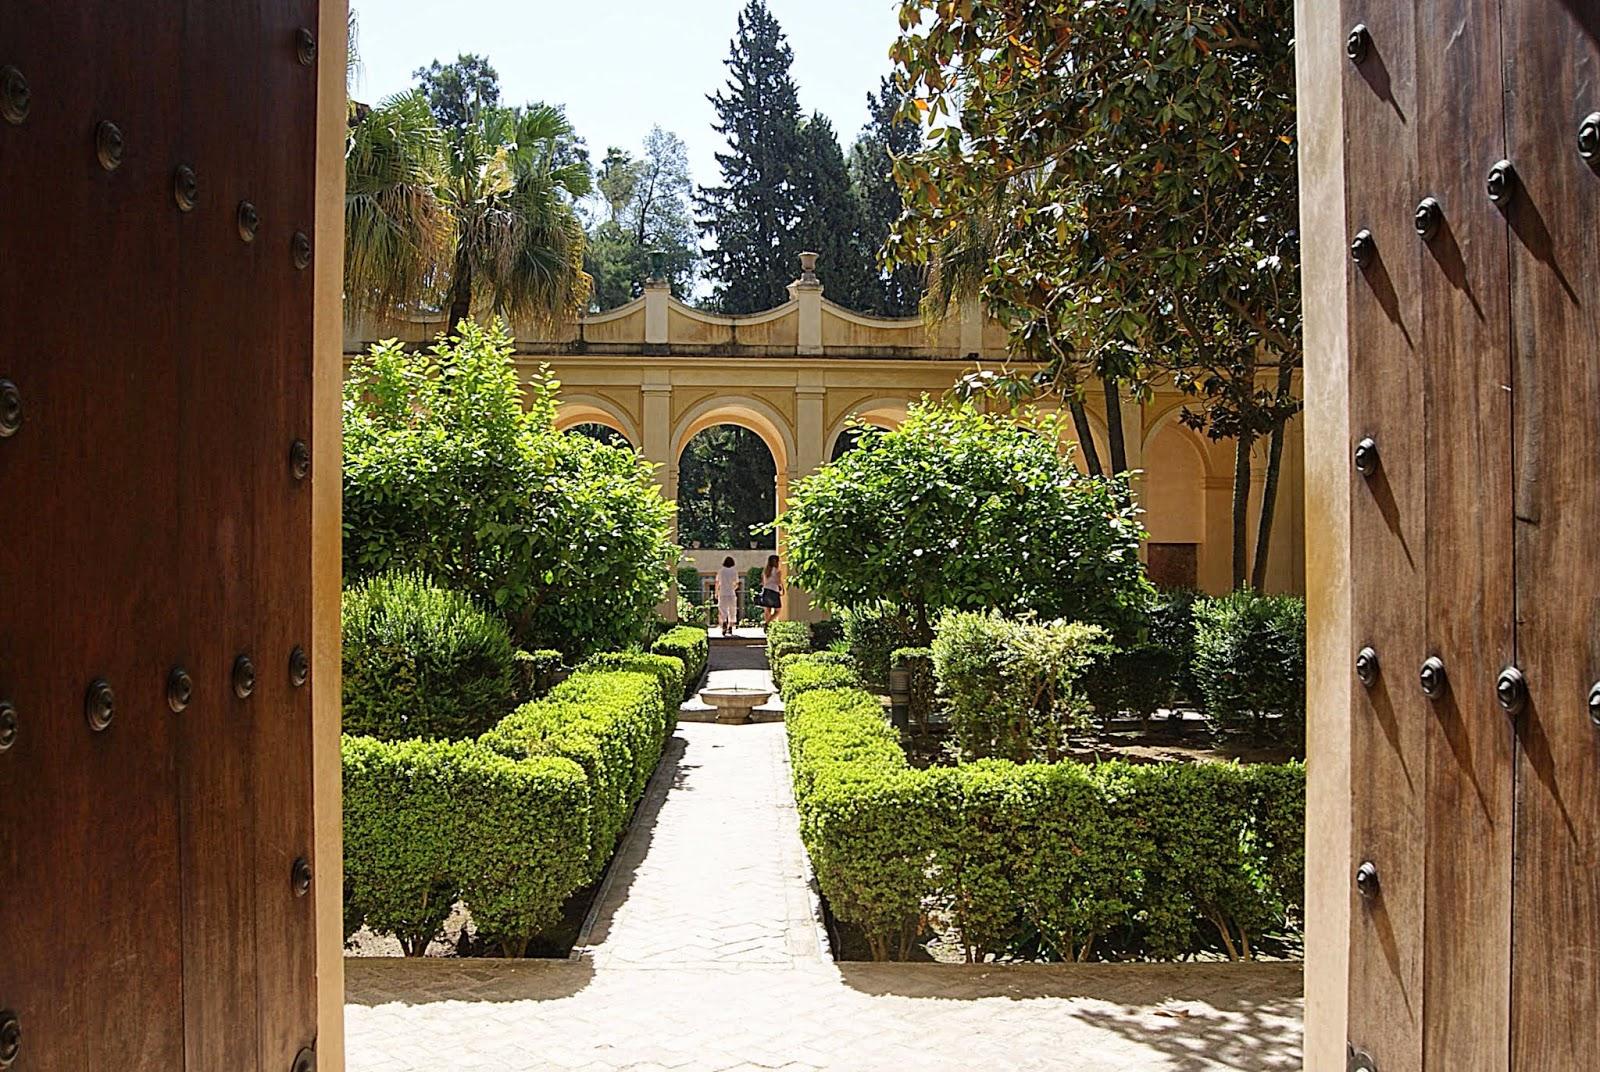 Leyendas de sevilla reales alc zares de sevilla vii for Jardines verticales sevilla